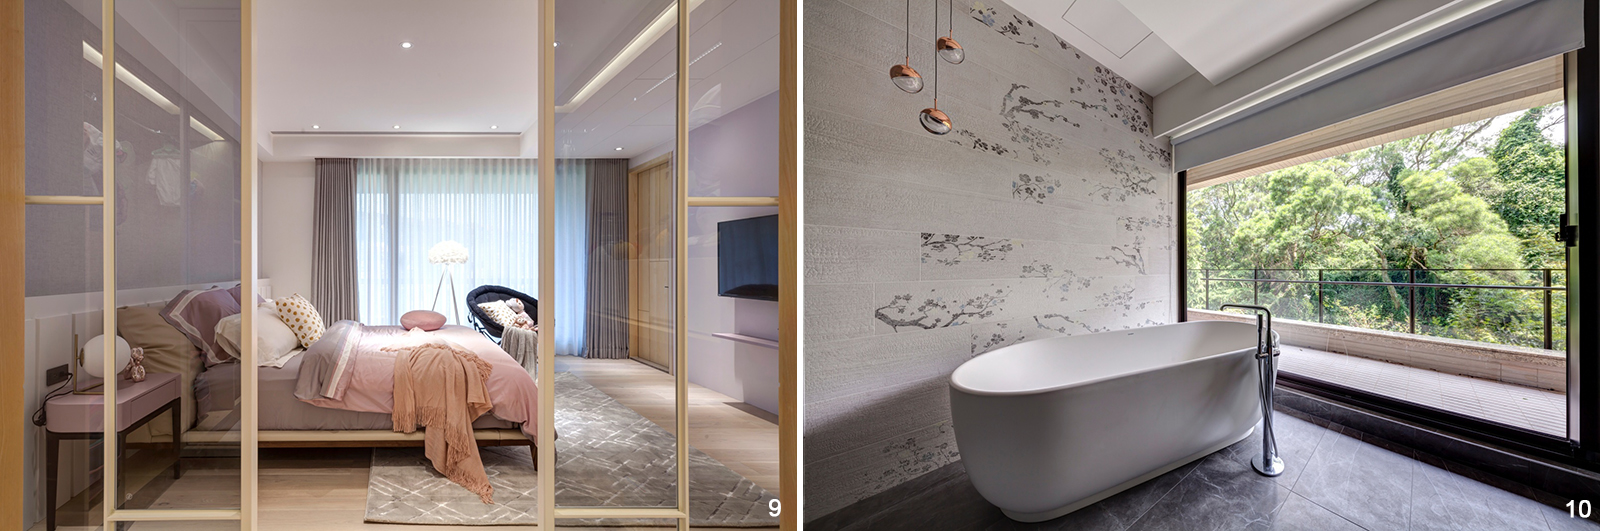 9. 女兒房的衣帽間由白色鐵件玻璃門打造,增加室內通透感。 10. 浴室偌大的落地窗,洗澡時能一邊欣賞戶外雅致。